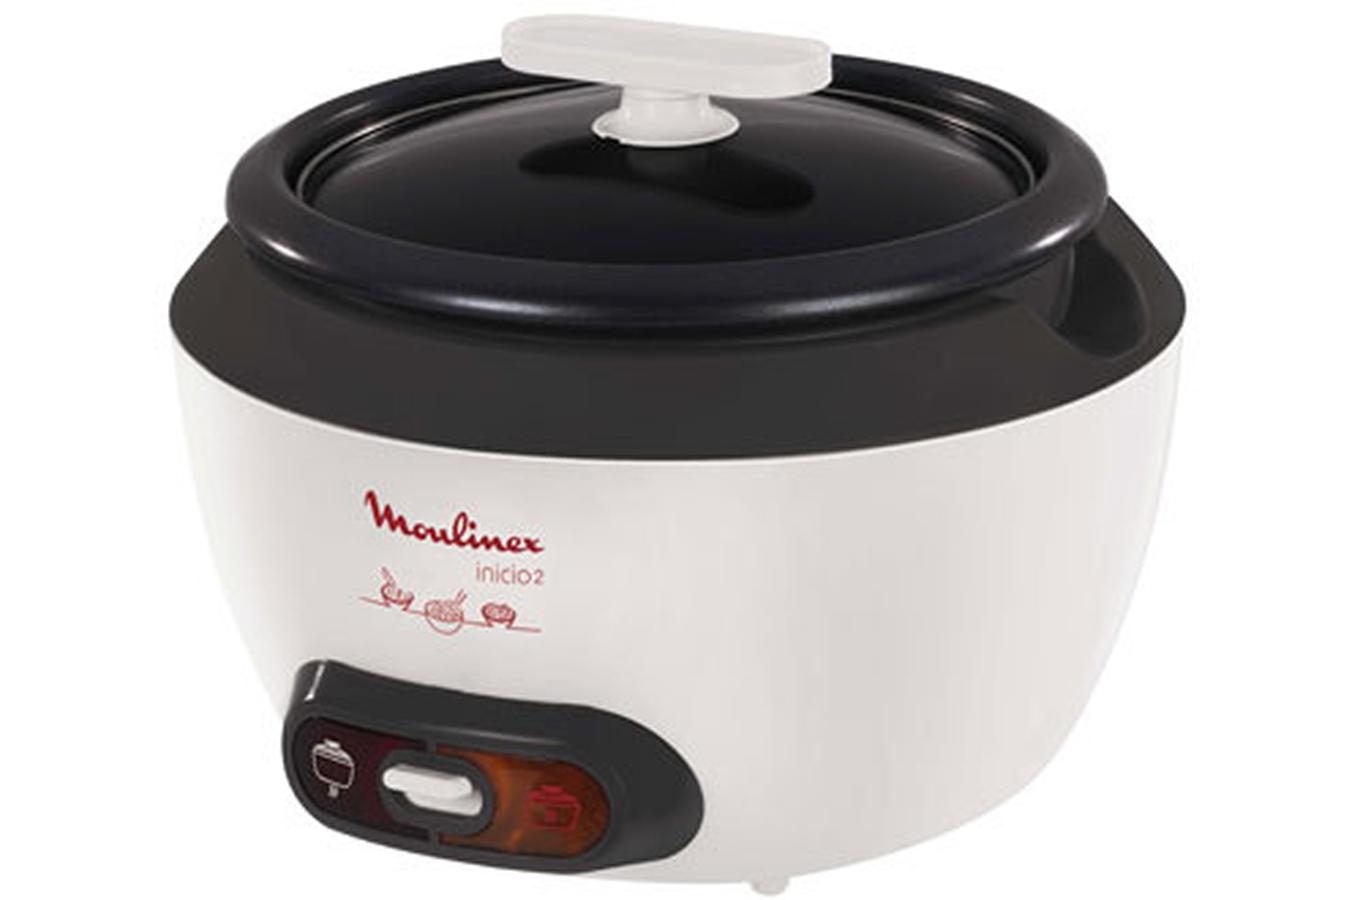 Cuiseur riz moulinex mk151100 inicio 3535533 darty - Cuiseur soupe moulinex ...